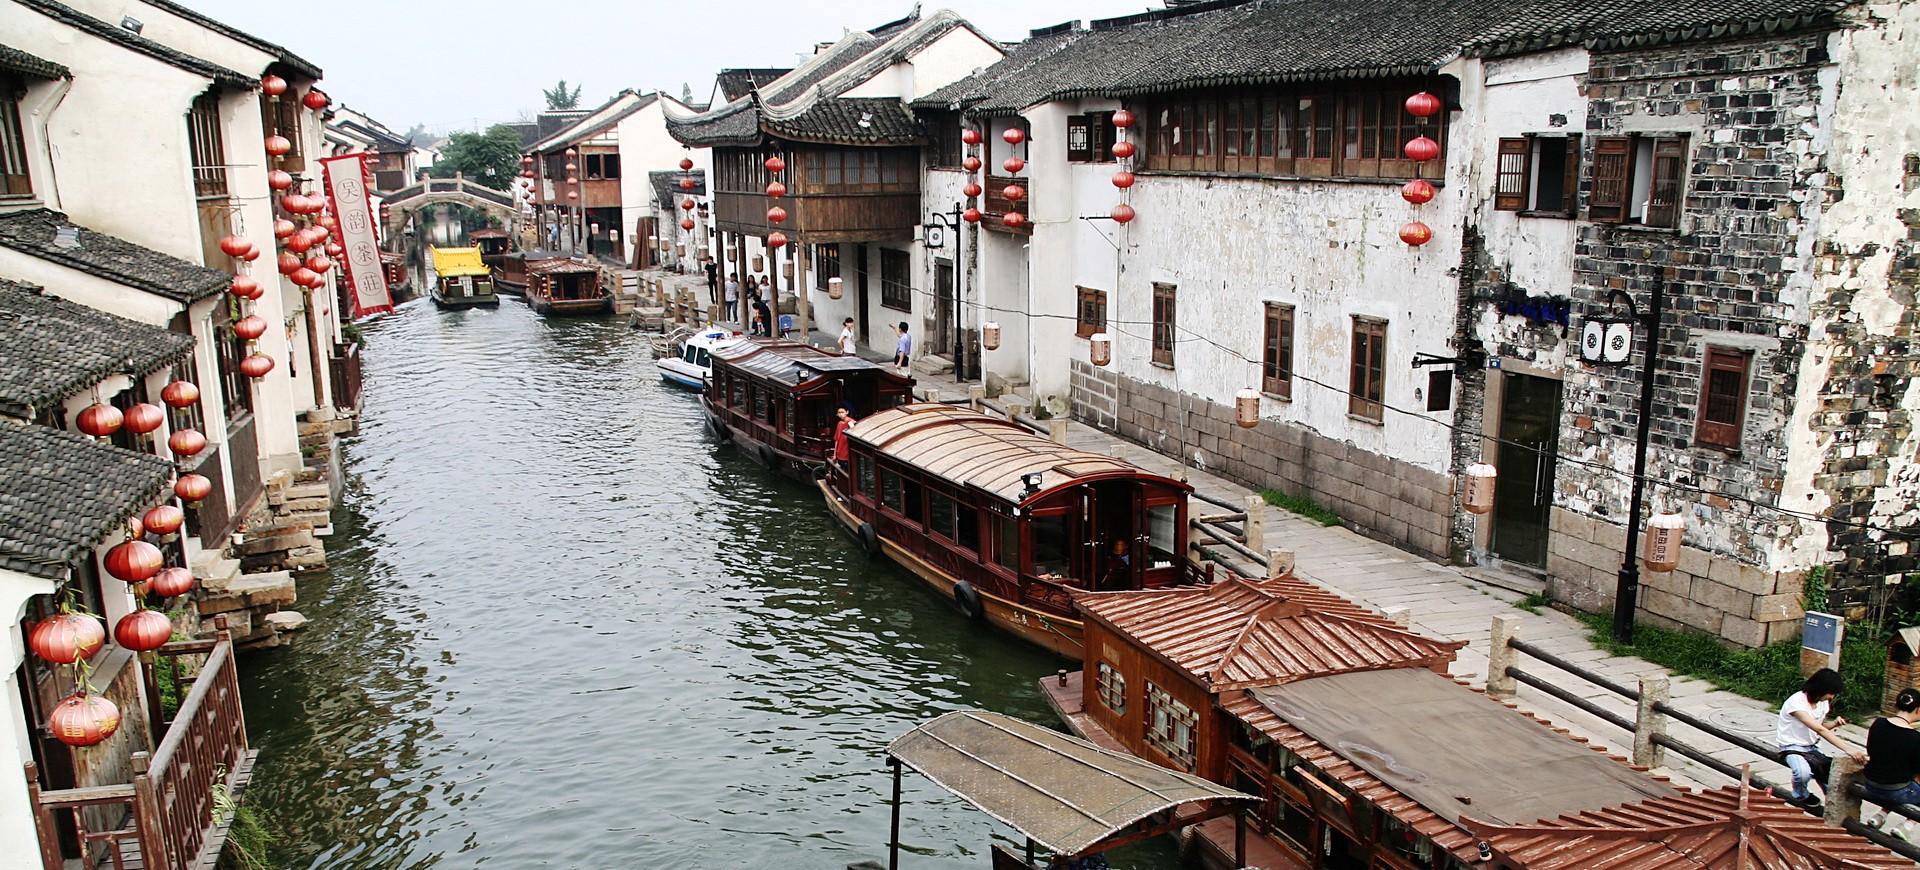 Canal et Maisons à Suzhou en Chine